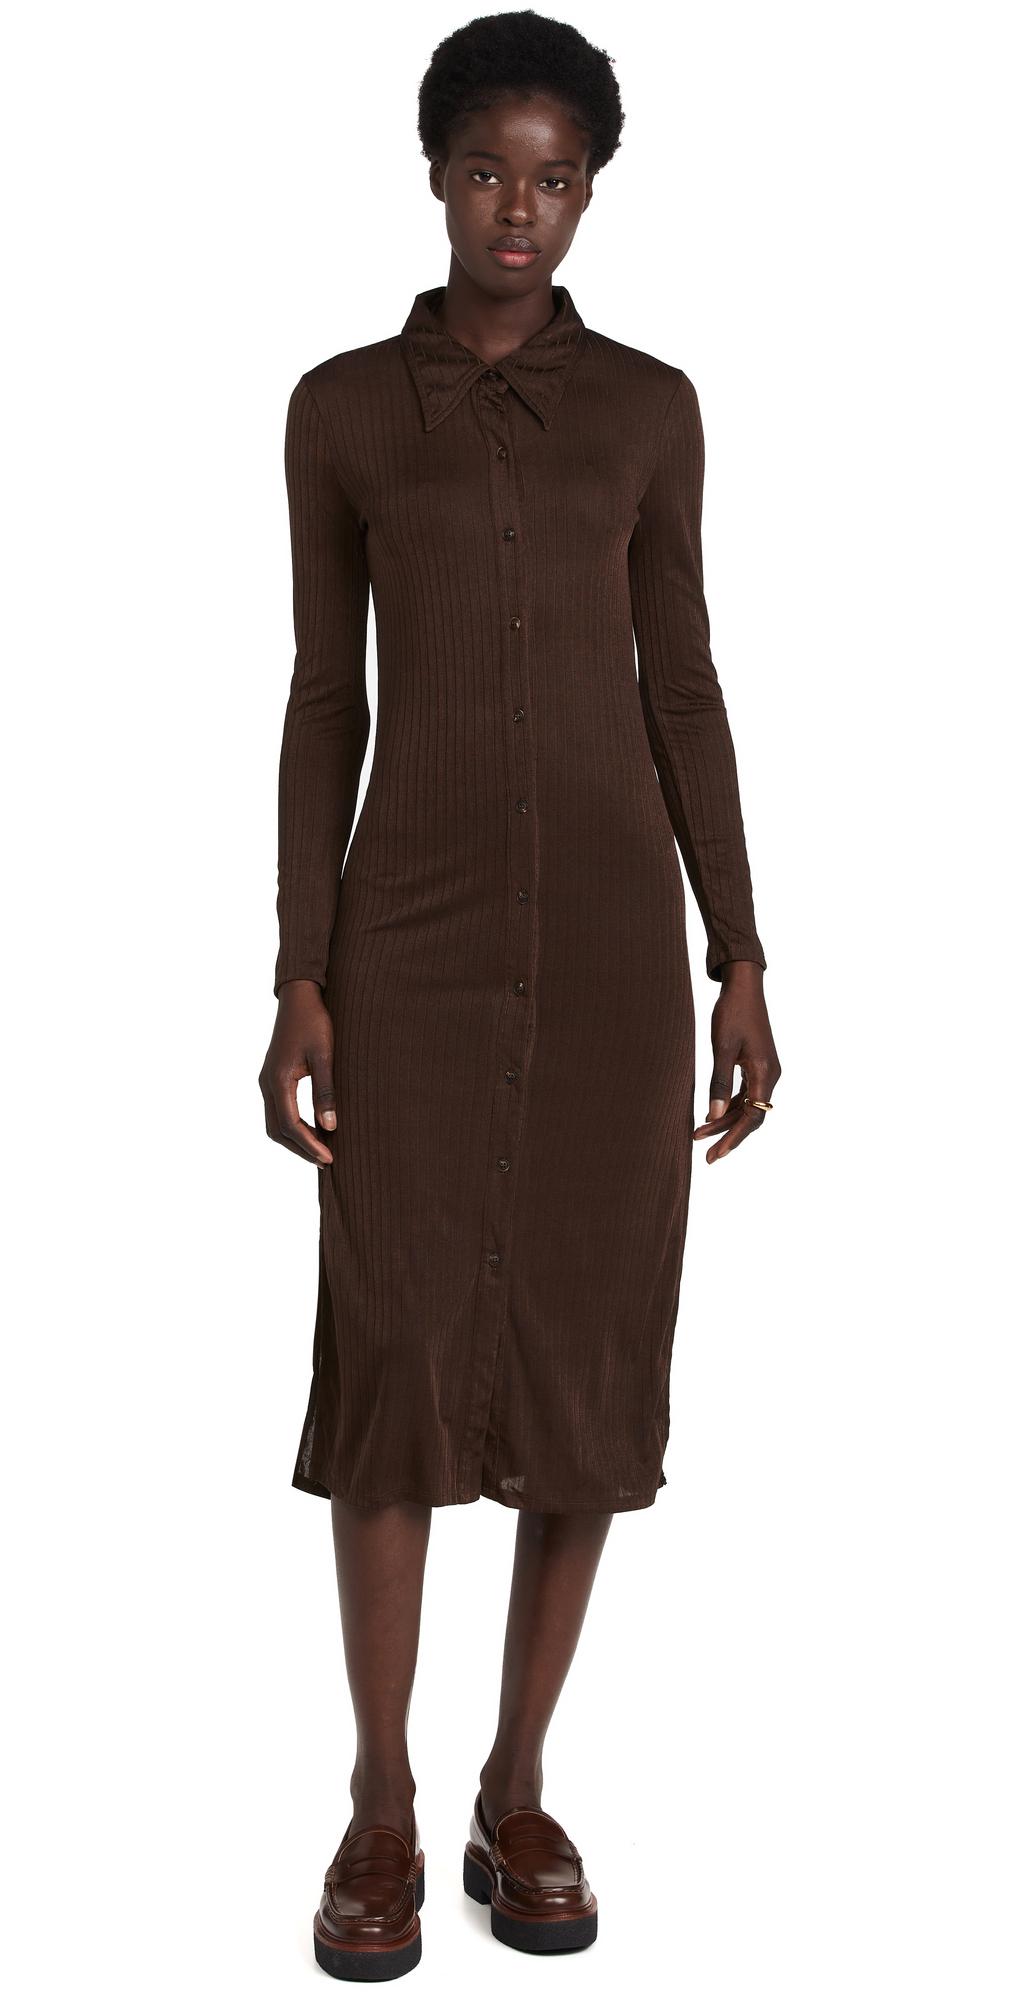 Camilla Knit Ribbed Shirt Dress